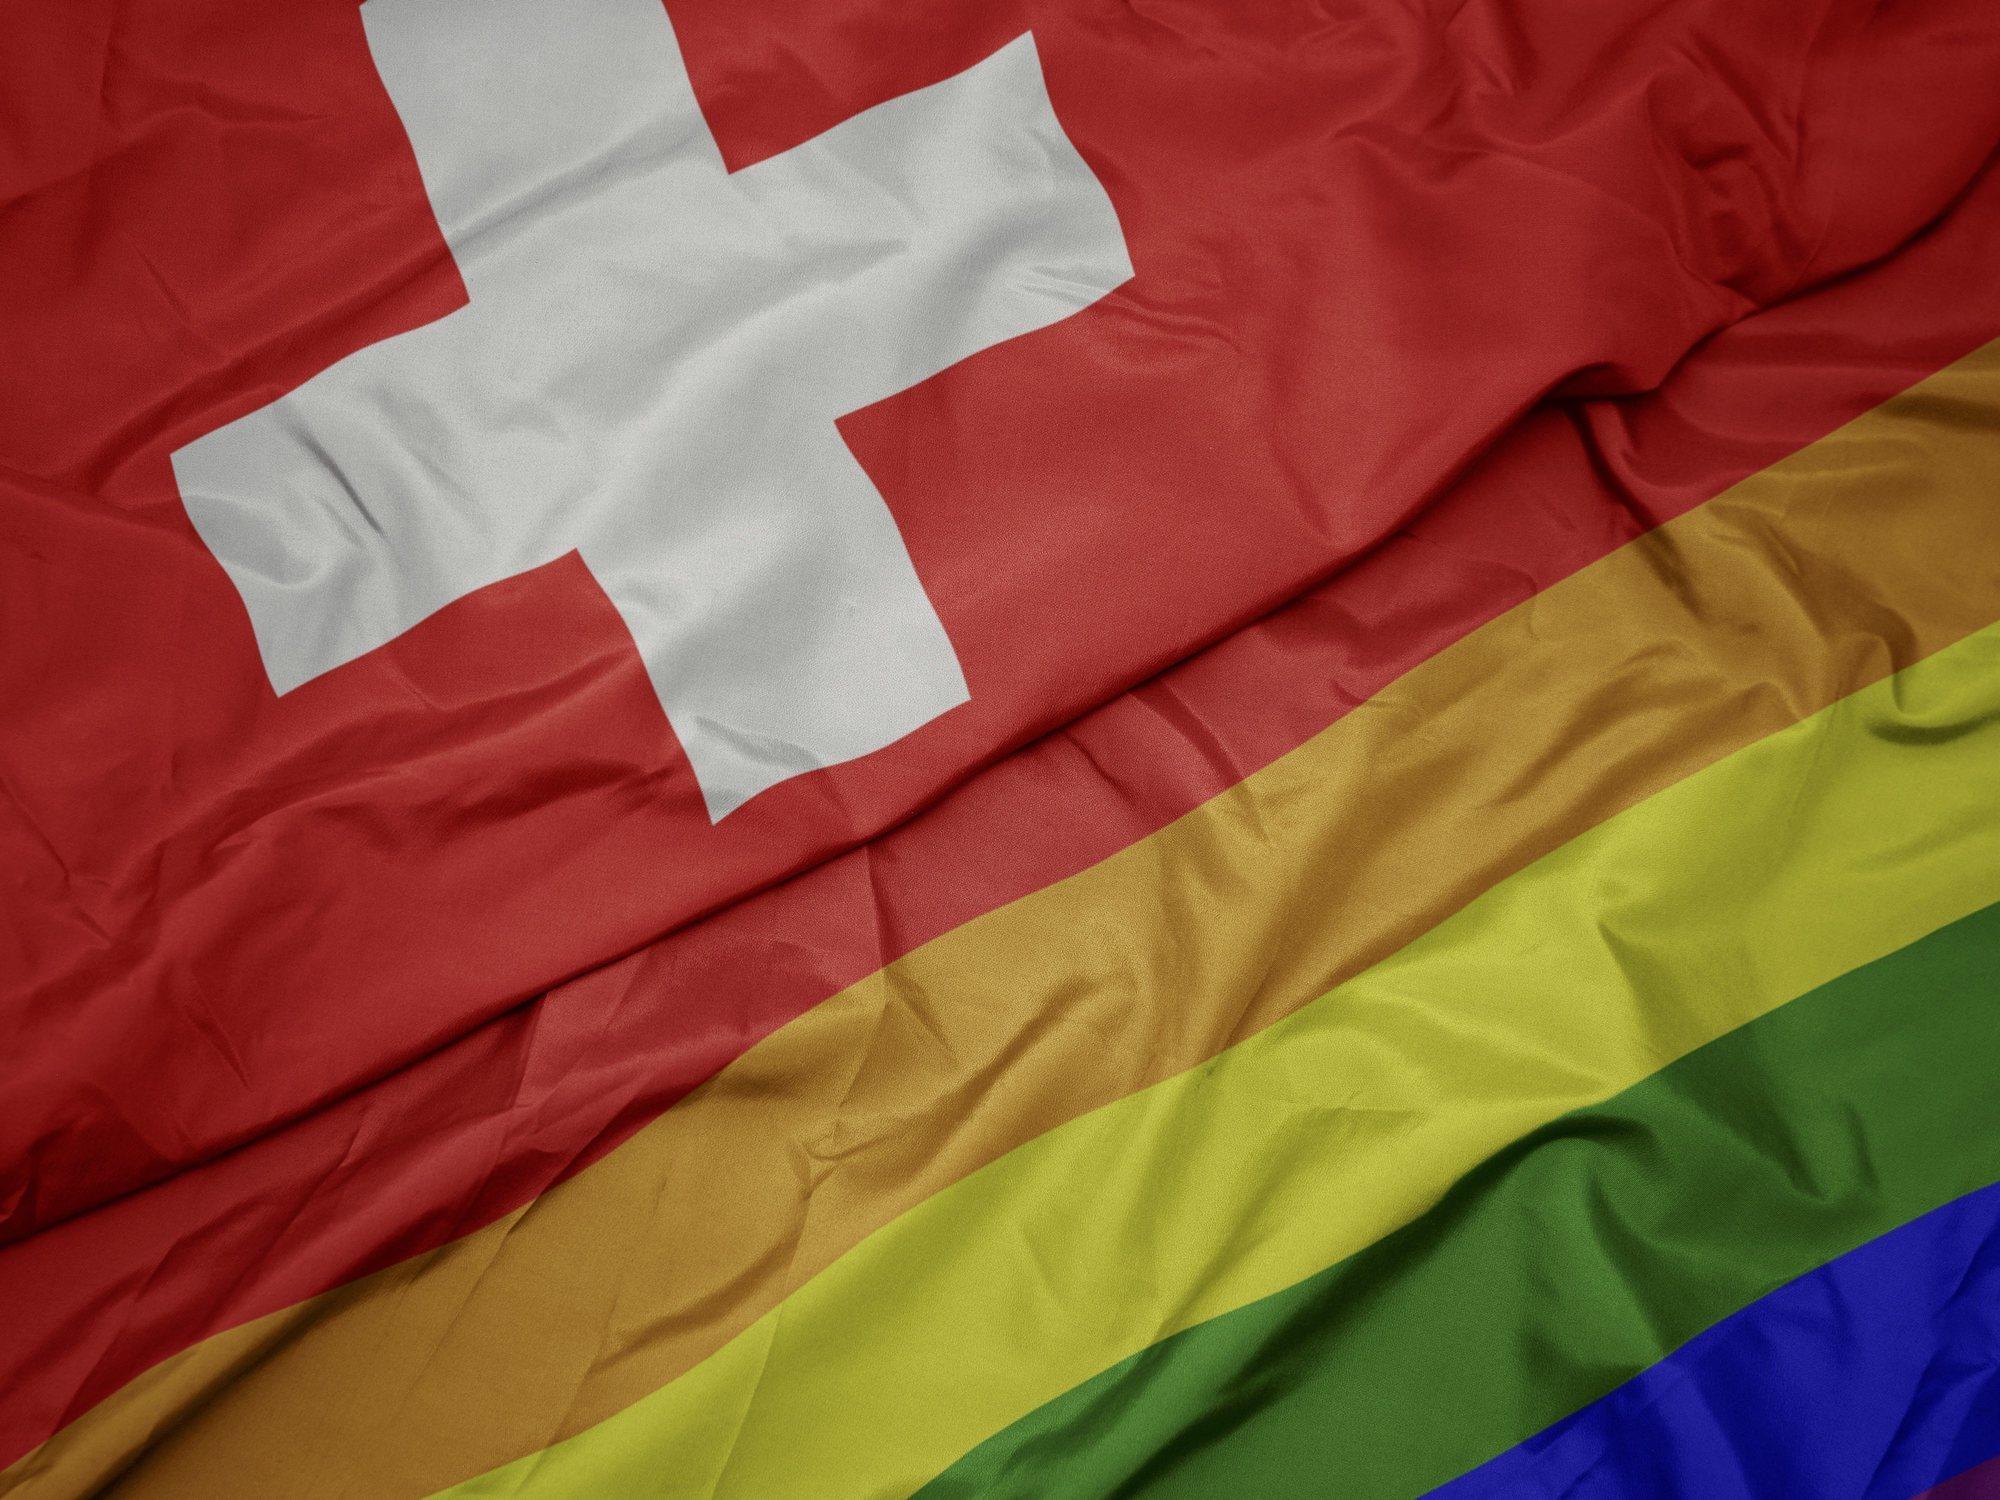 Suiza aprueba una enmienda que penalizará la discriminación al colectivo LGTBI